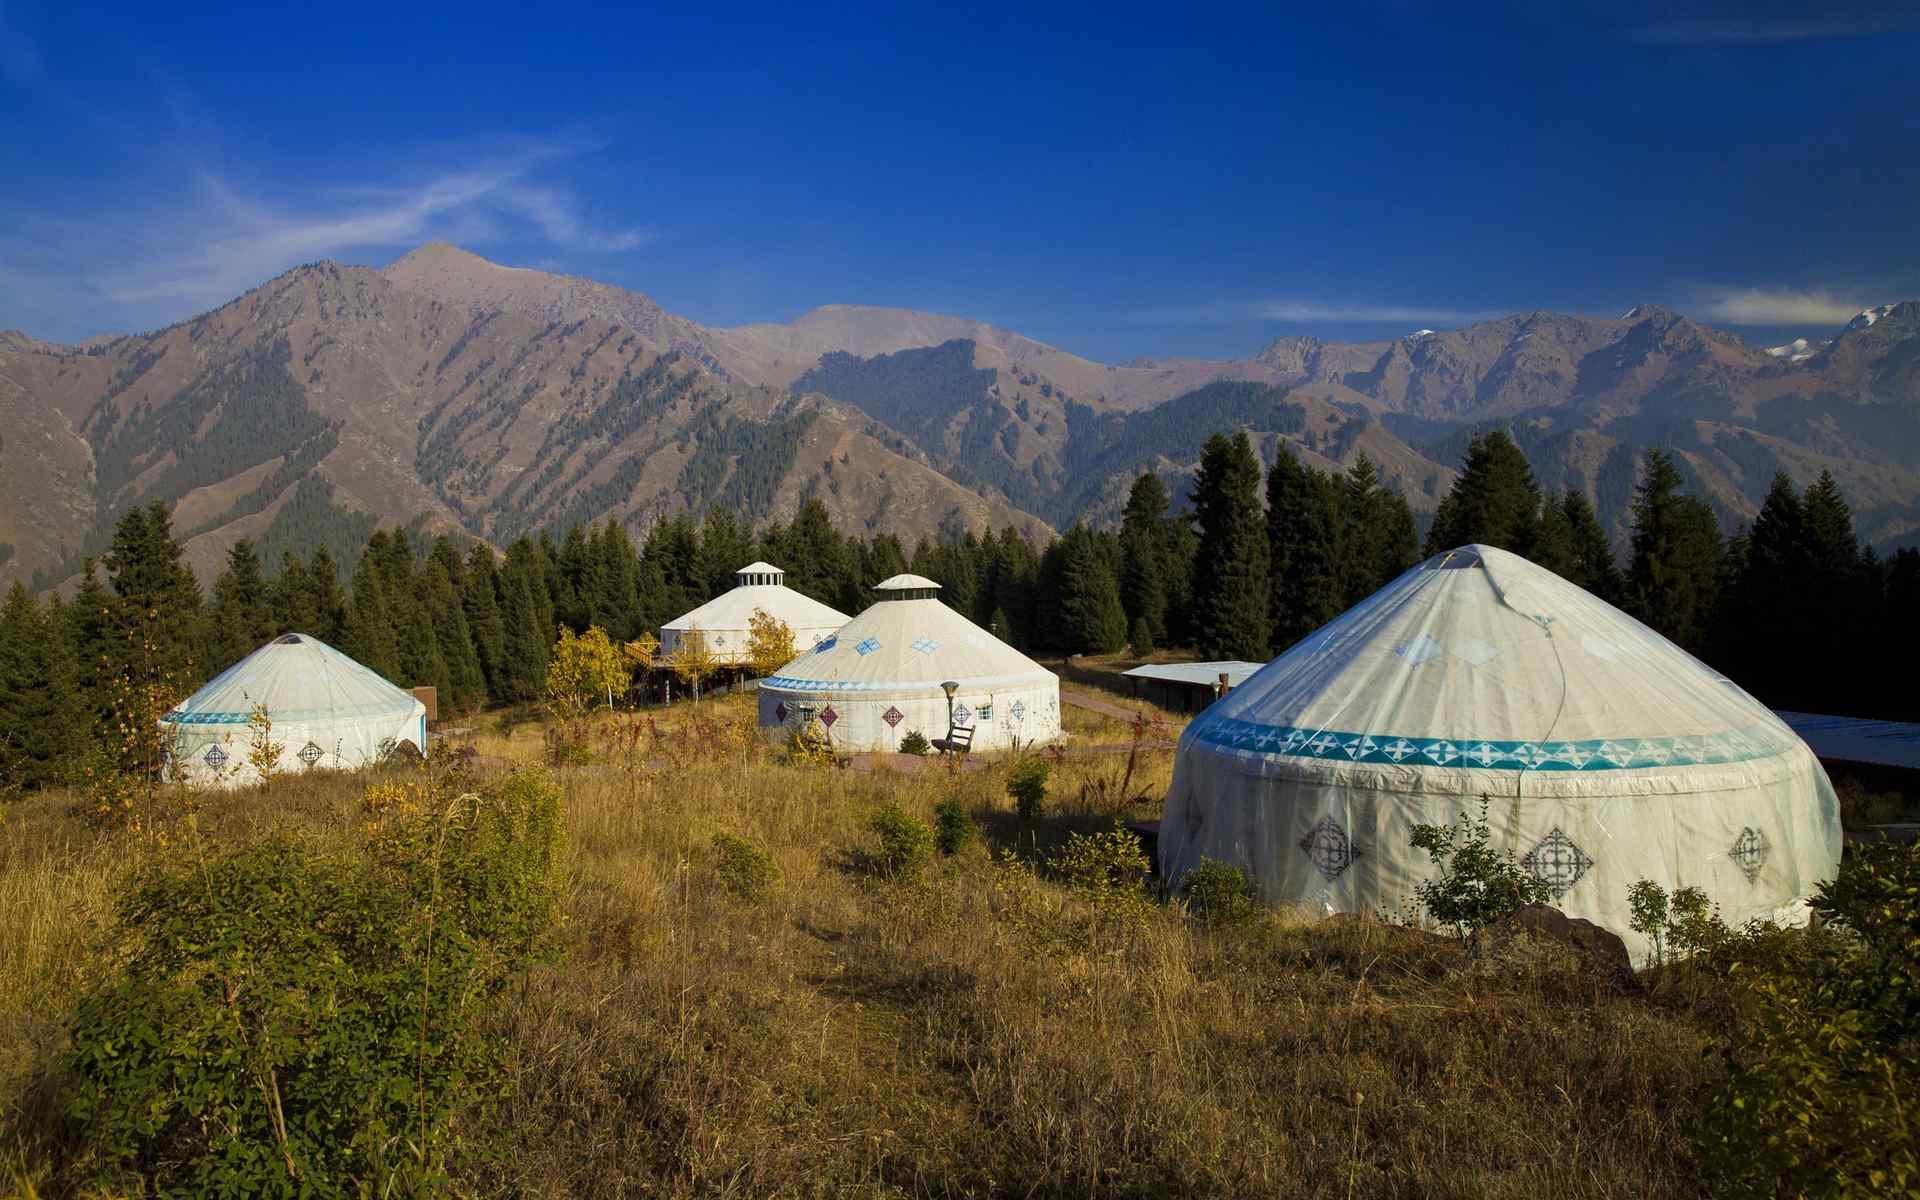 新疆天山天池风景图片桌面壁纸